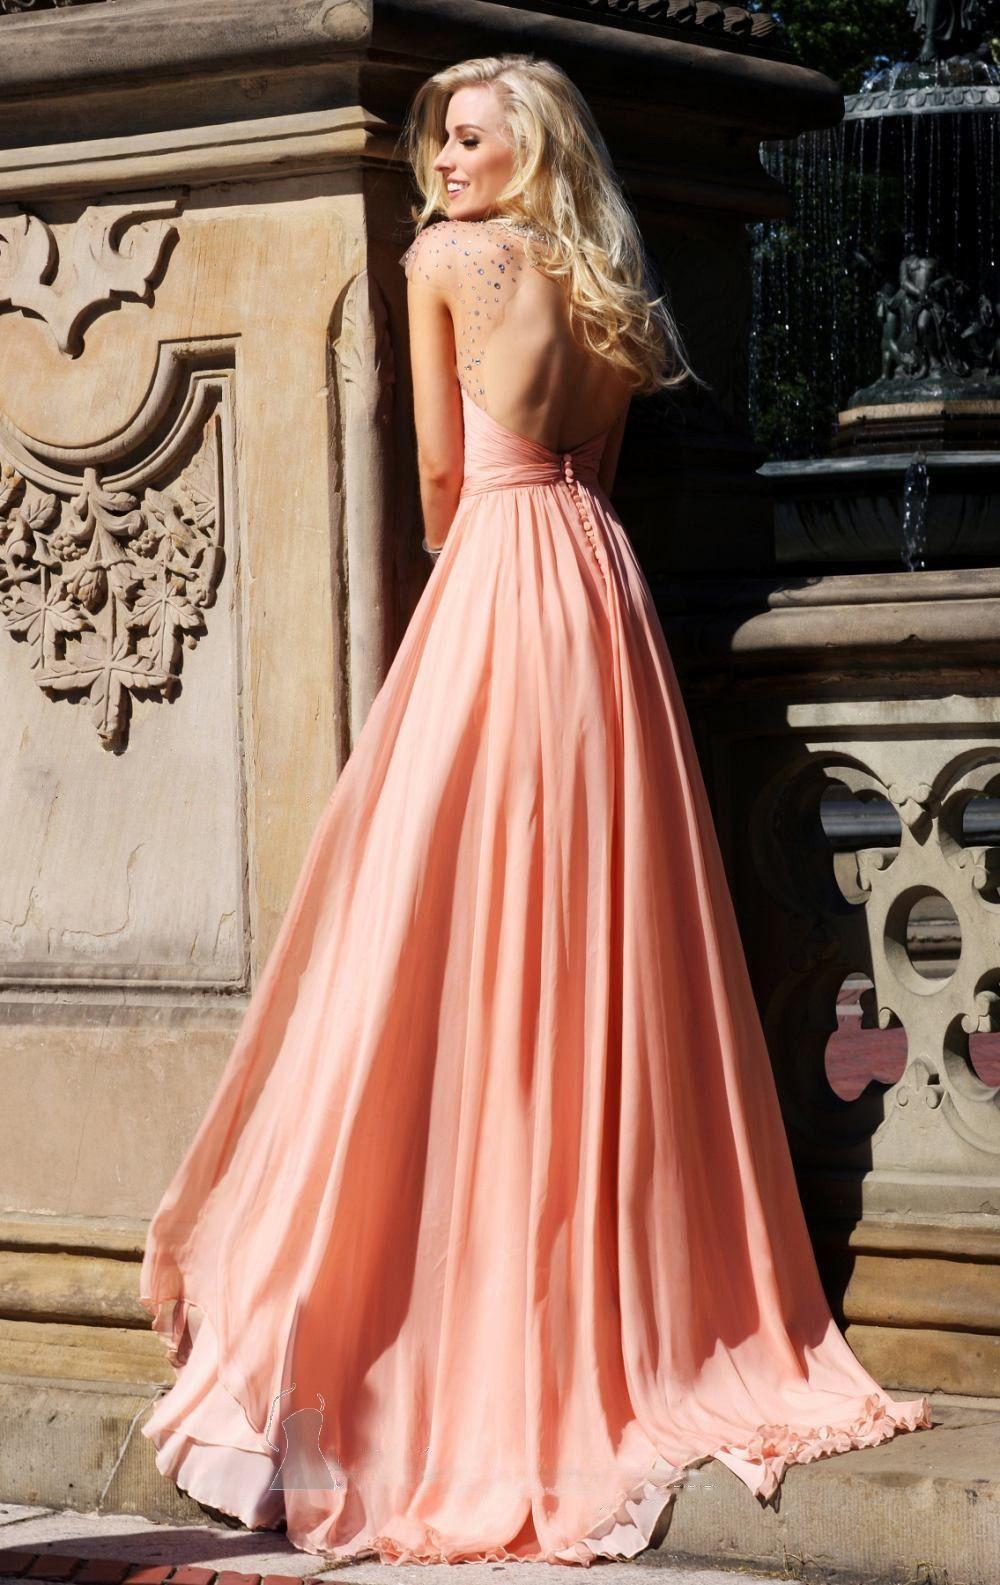 2014 vestidos de baile Corte Line Scoop Tren de la gasa partida y Lentejuelas EUR 117,88 VPXMGTC 67 - VoguePromDresses